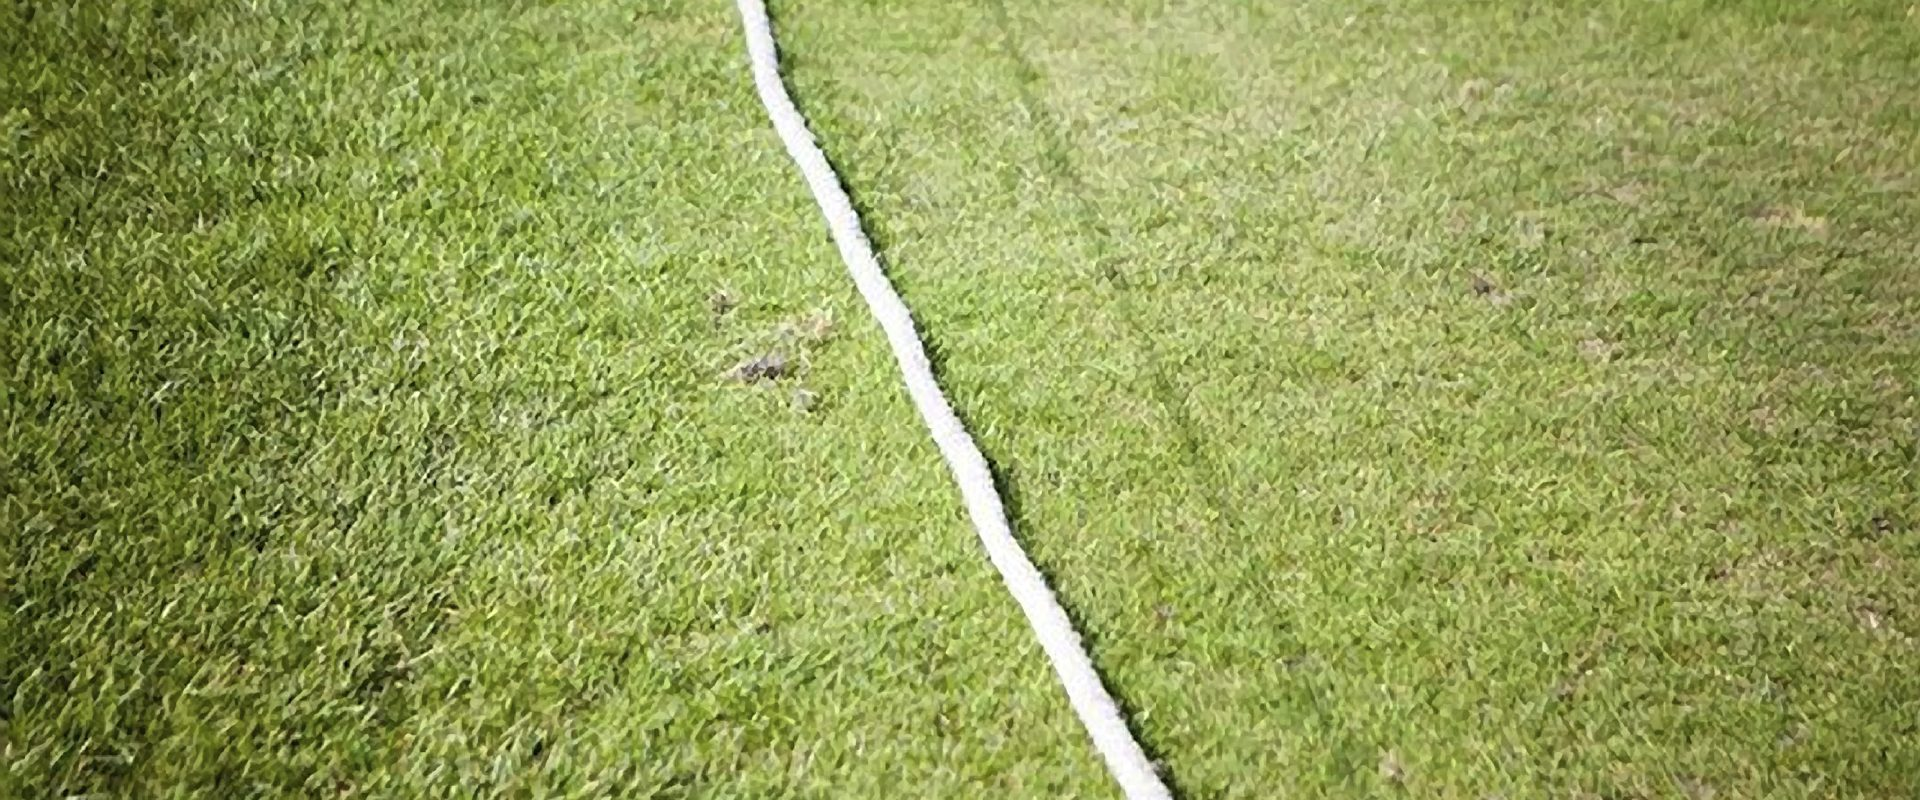 cricket ampthill